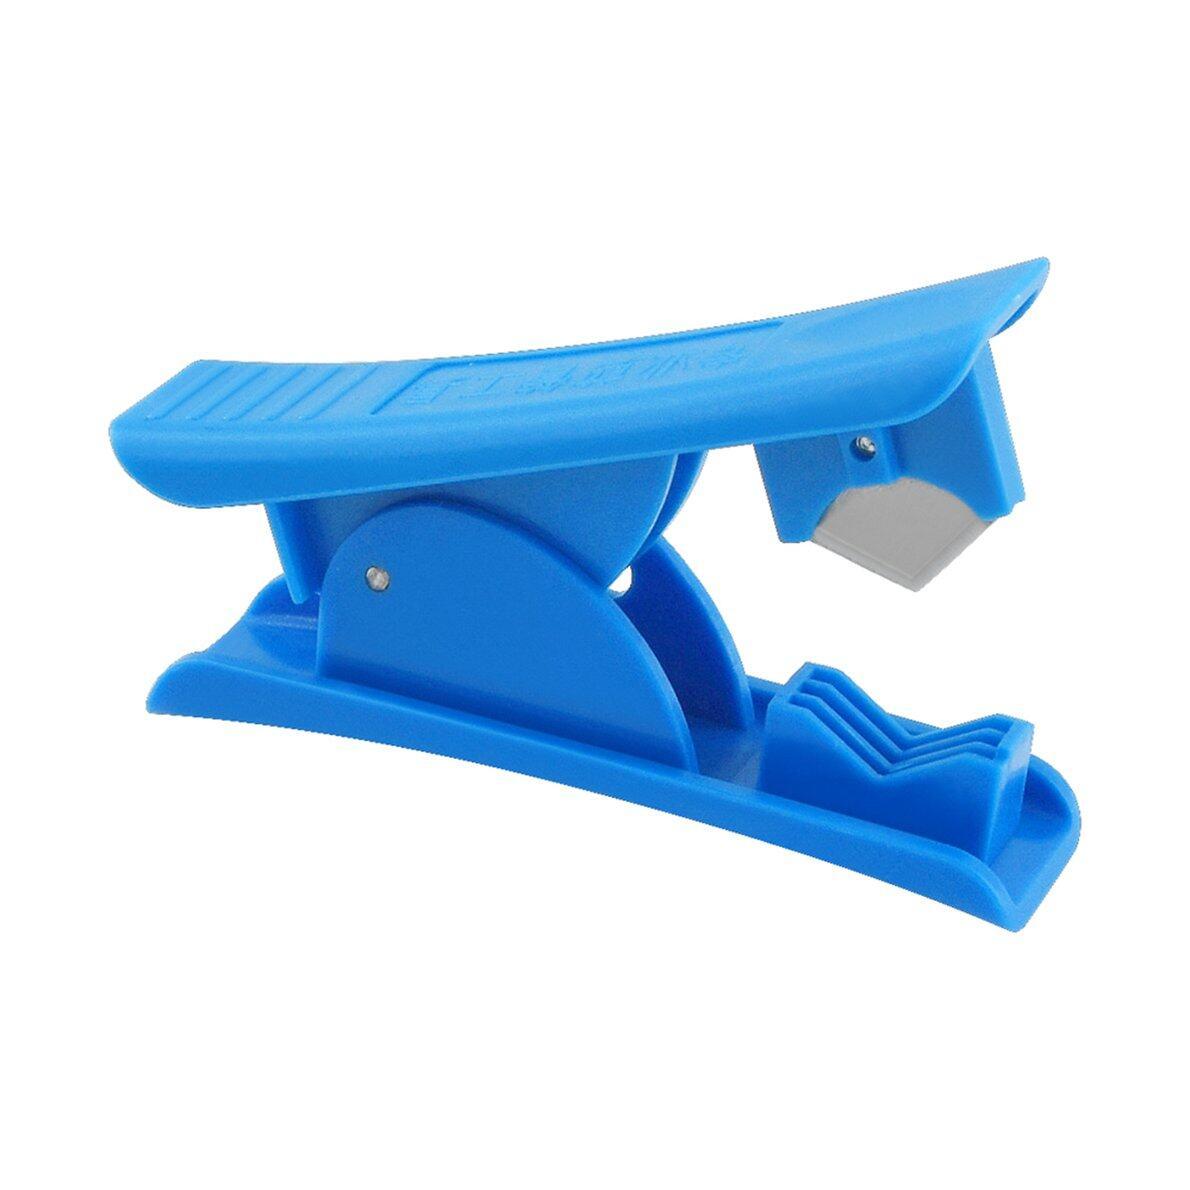 Giá Bán Chạy Lưỡi Ống Mini Cho Bộ Phận Máy In 3D Ống Nhựa PVC PU